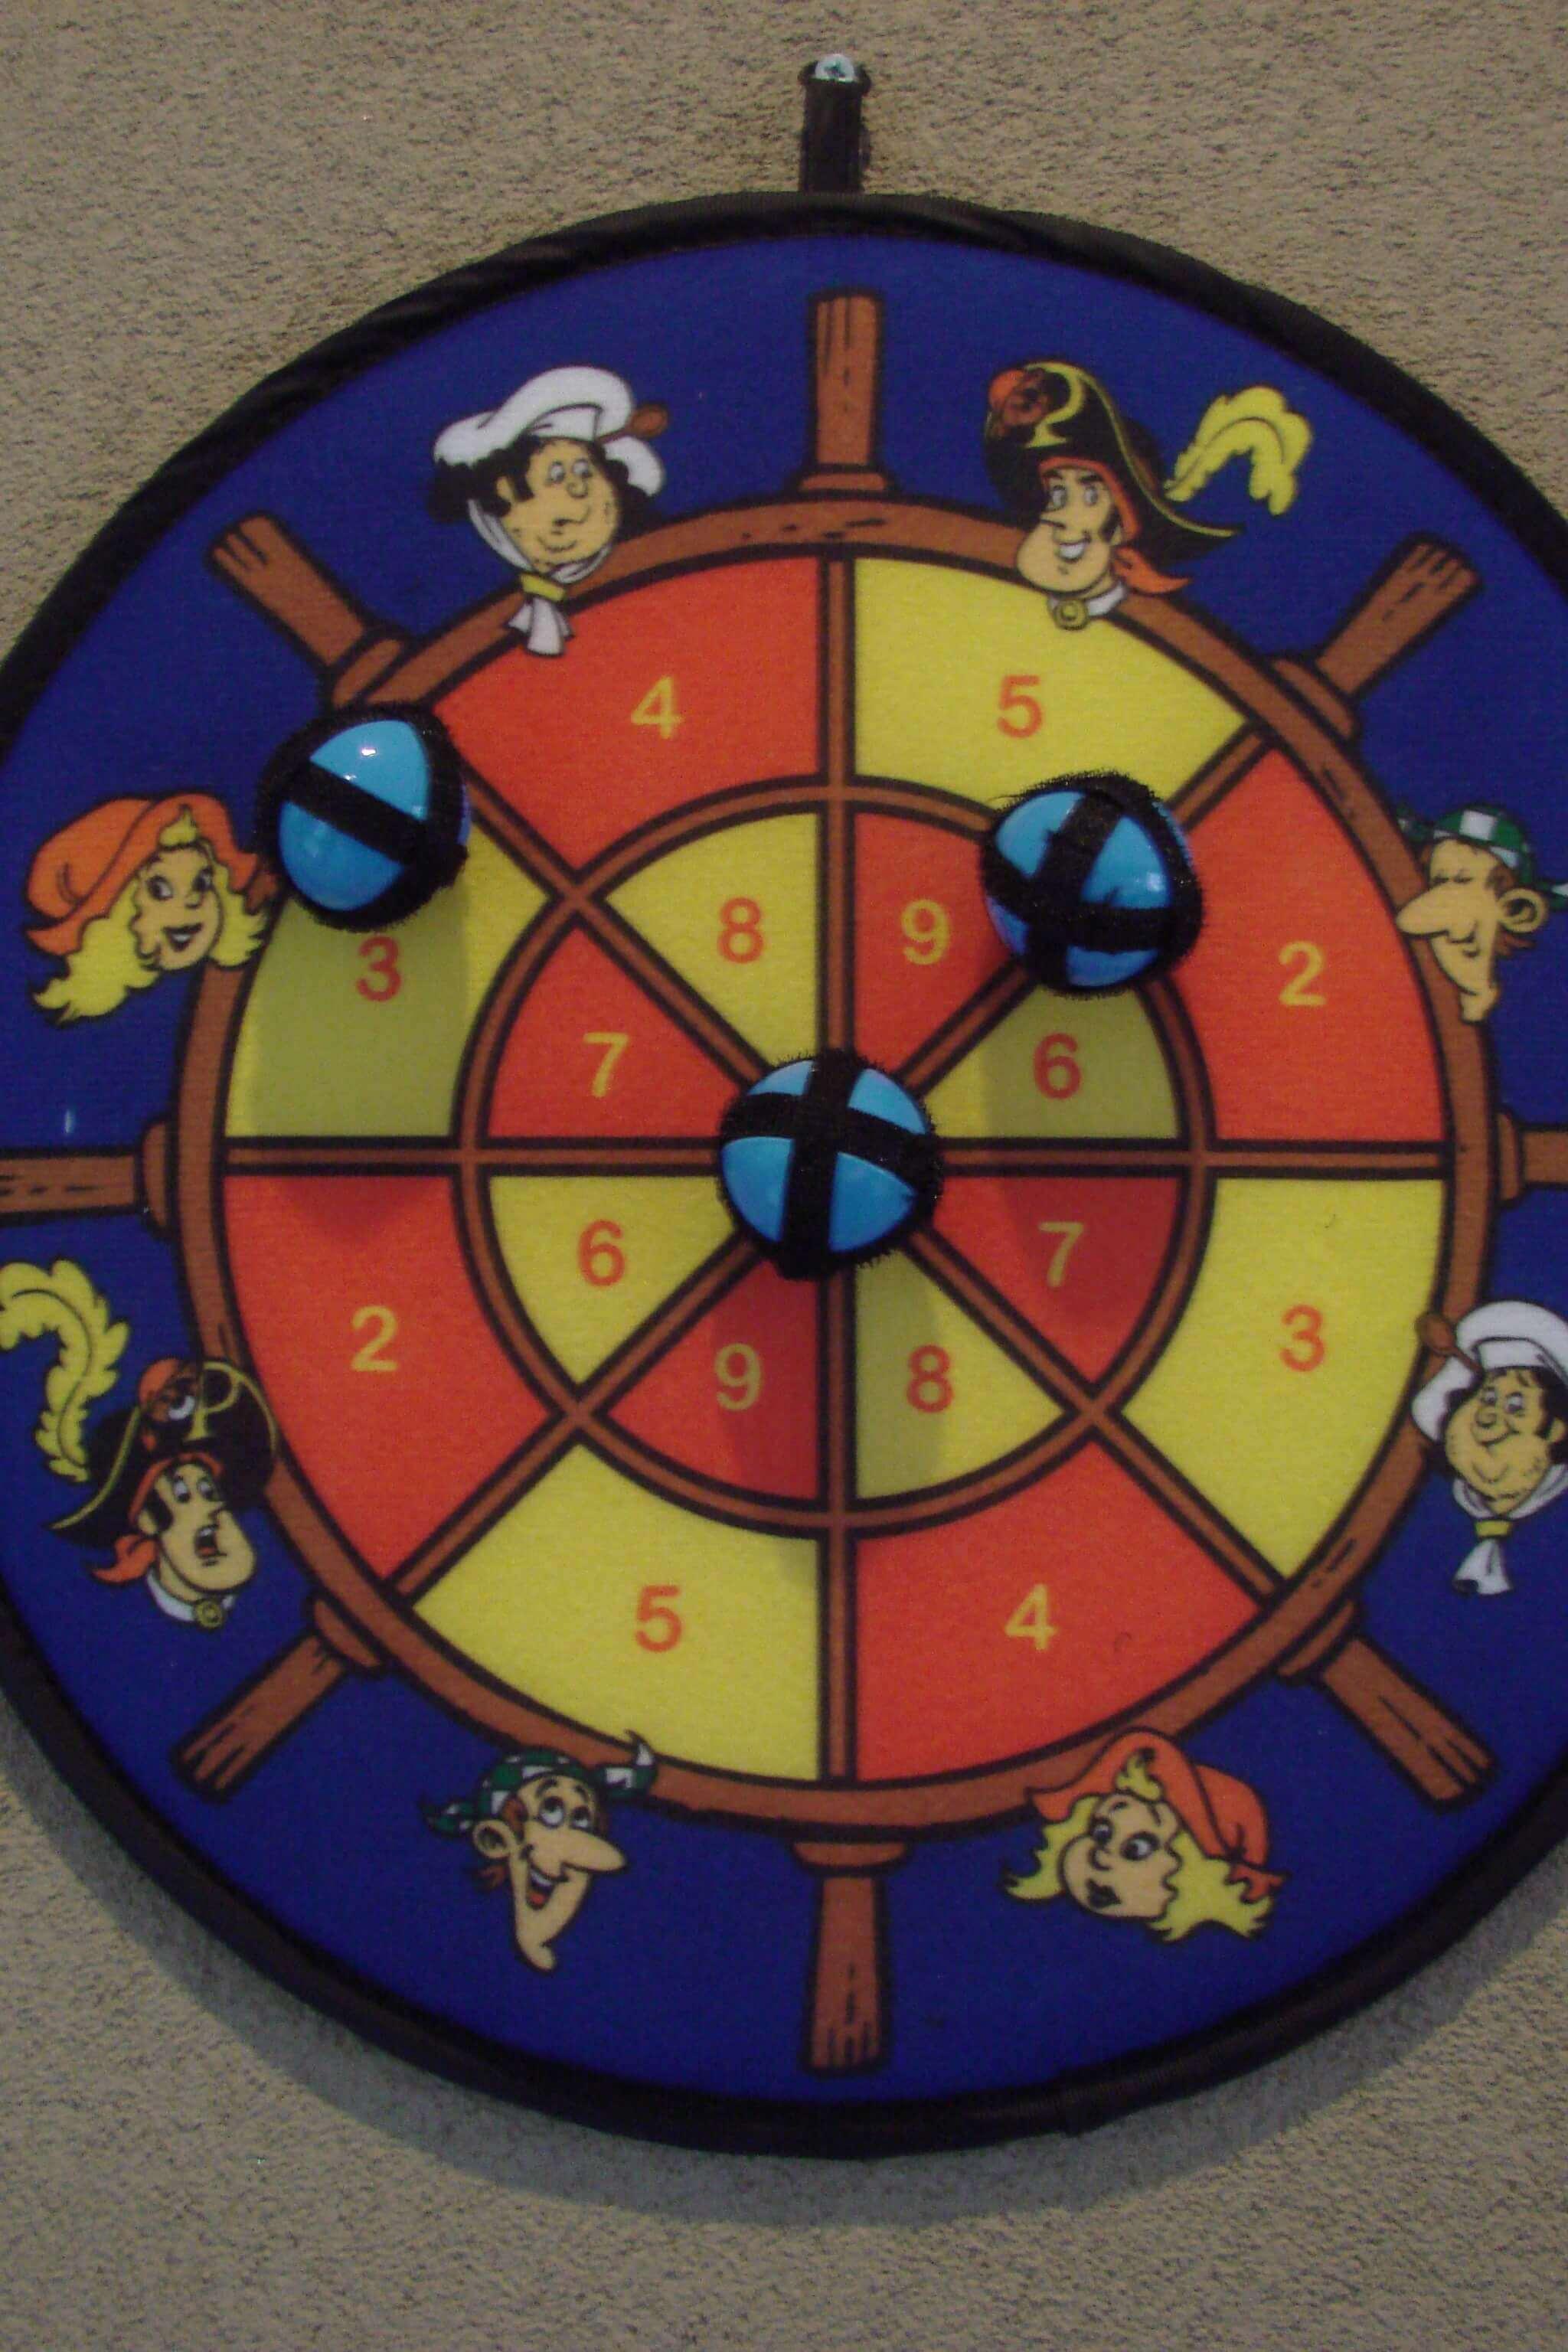 Hedendaags Vier een piratenkinderfeestje gewoon thuis | Verzorgd door Ziezow CD-54